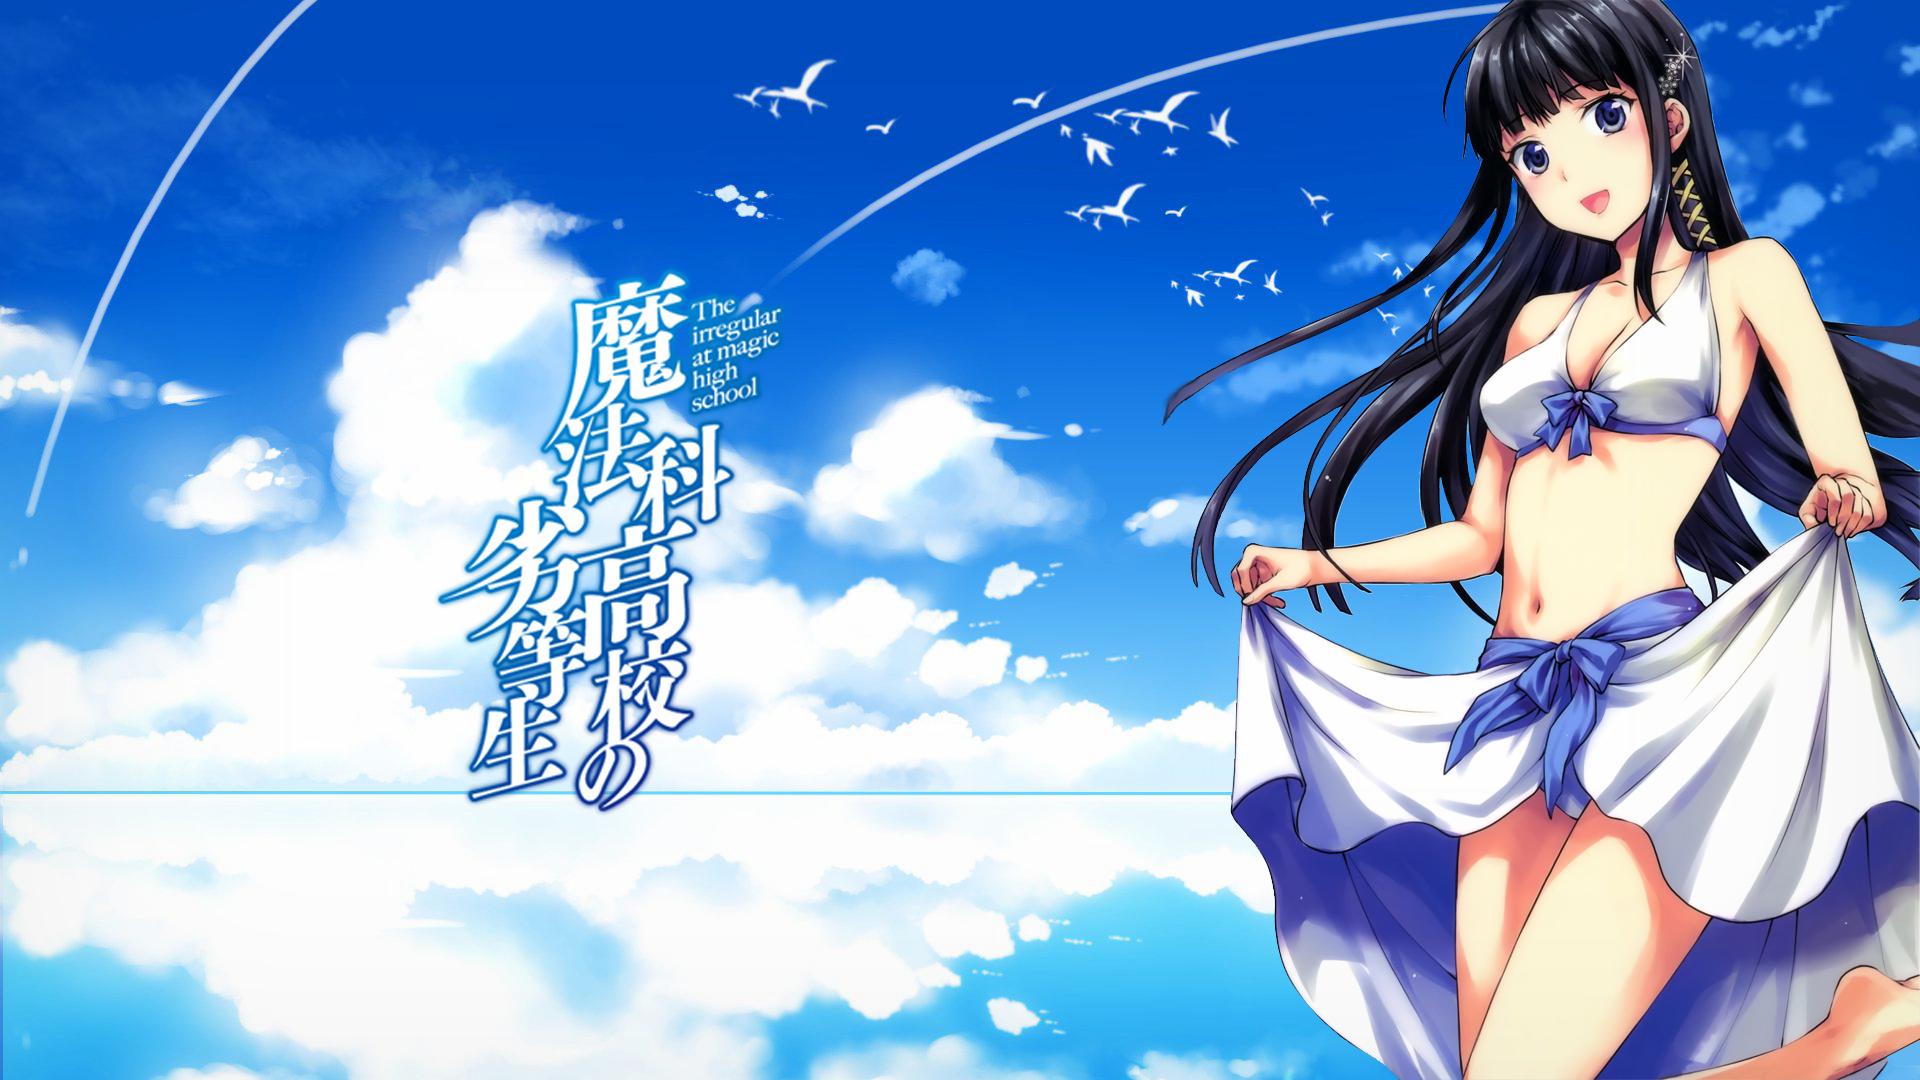 Wallpaper Mahouka Koukou No Rettousei Shiba Miyuki 1920x1080